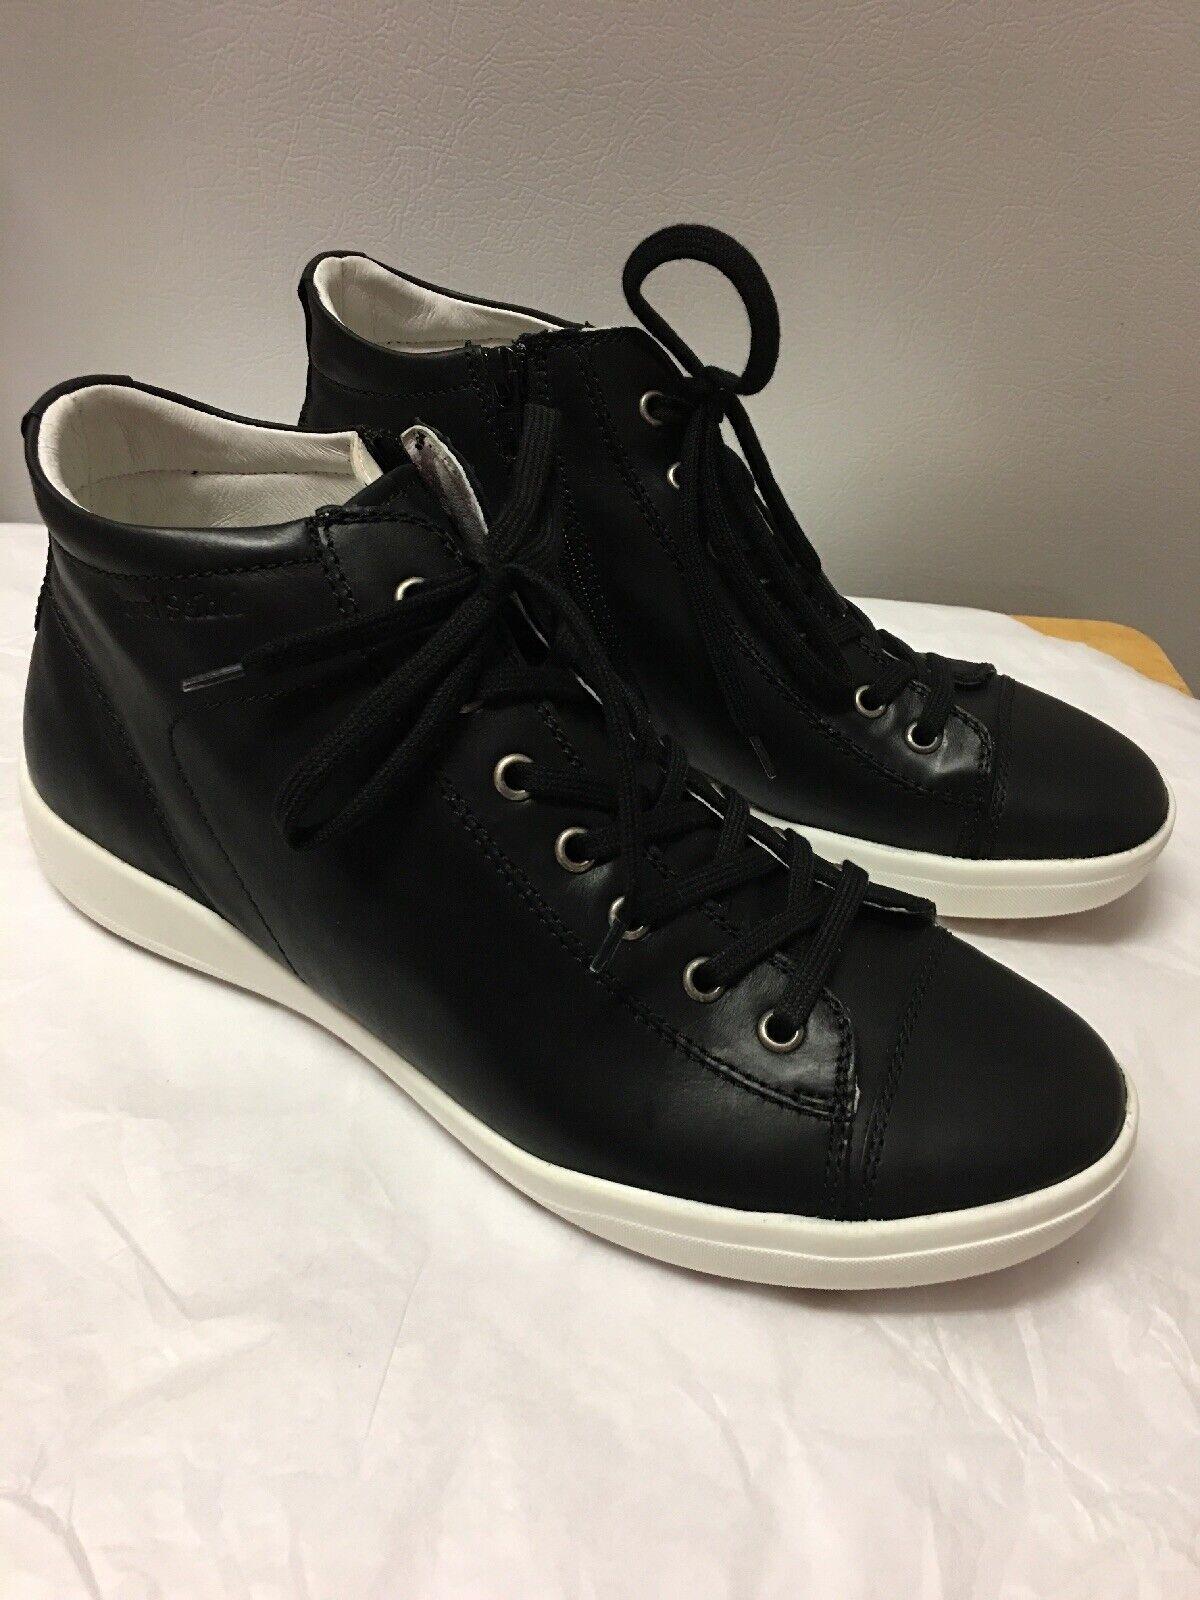 prodotti creativi Josef Seibel Campa Calf nero mid-top scarpe scarpe scarpe da ginnastica Dimensione 40  negozi al dettaglio